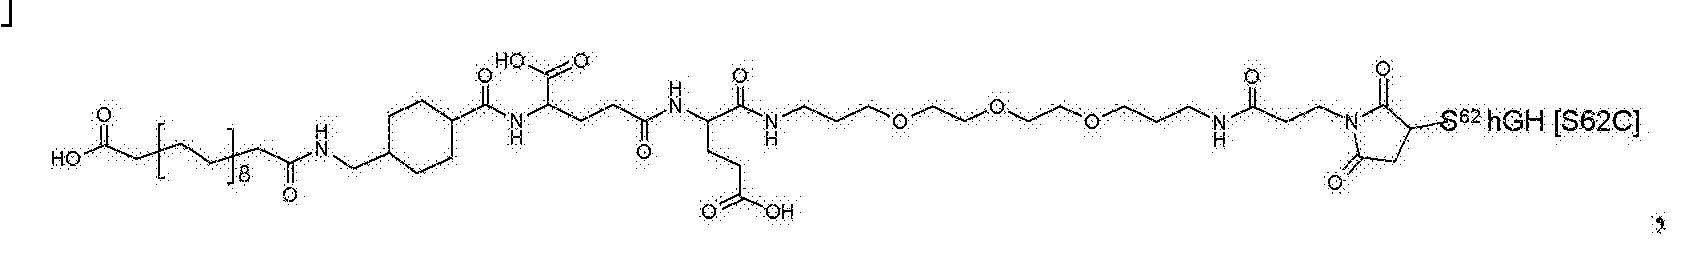 Figure CN103002918BD01327